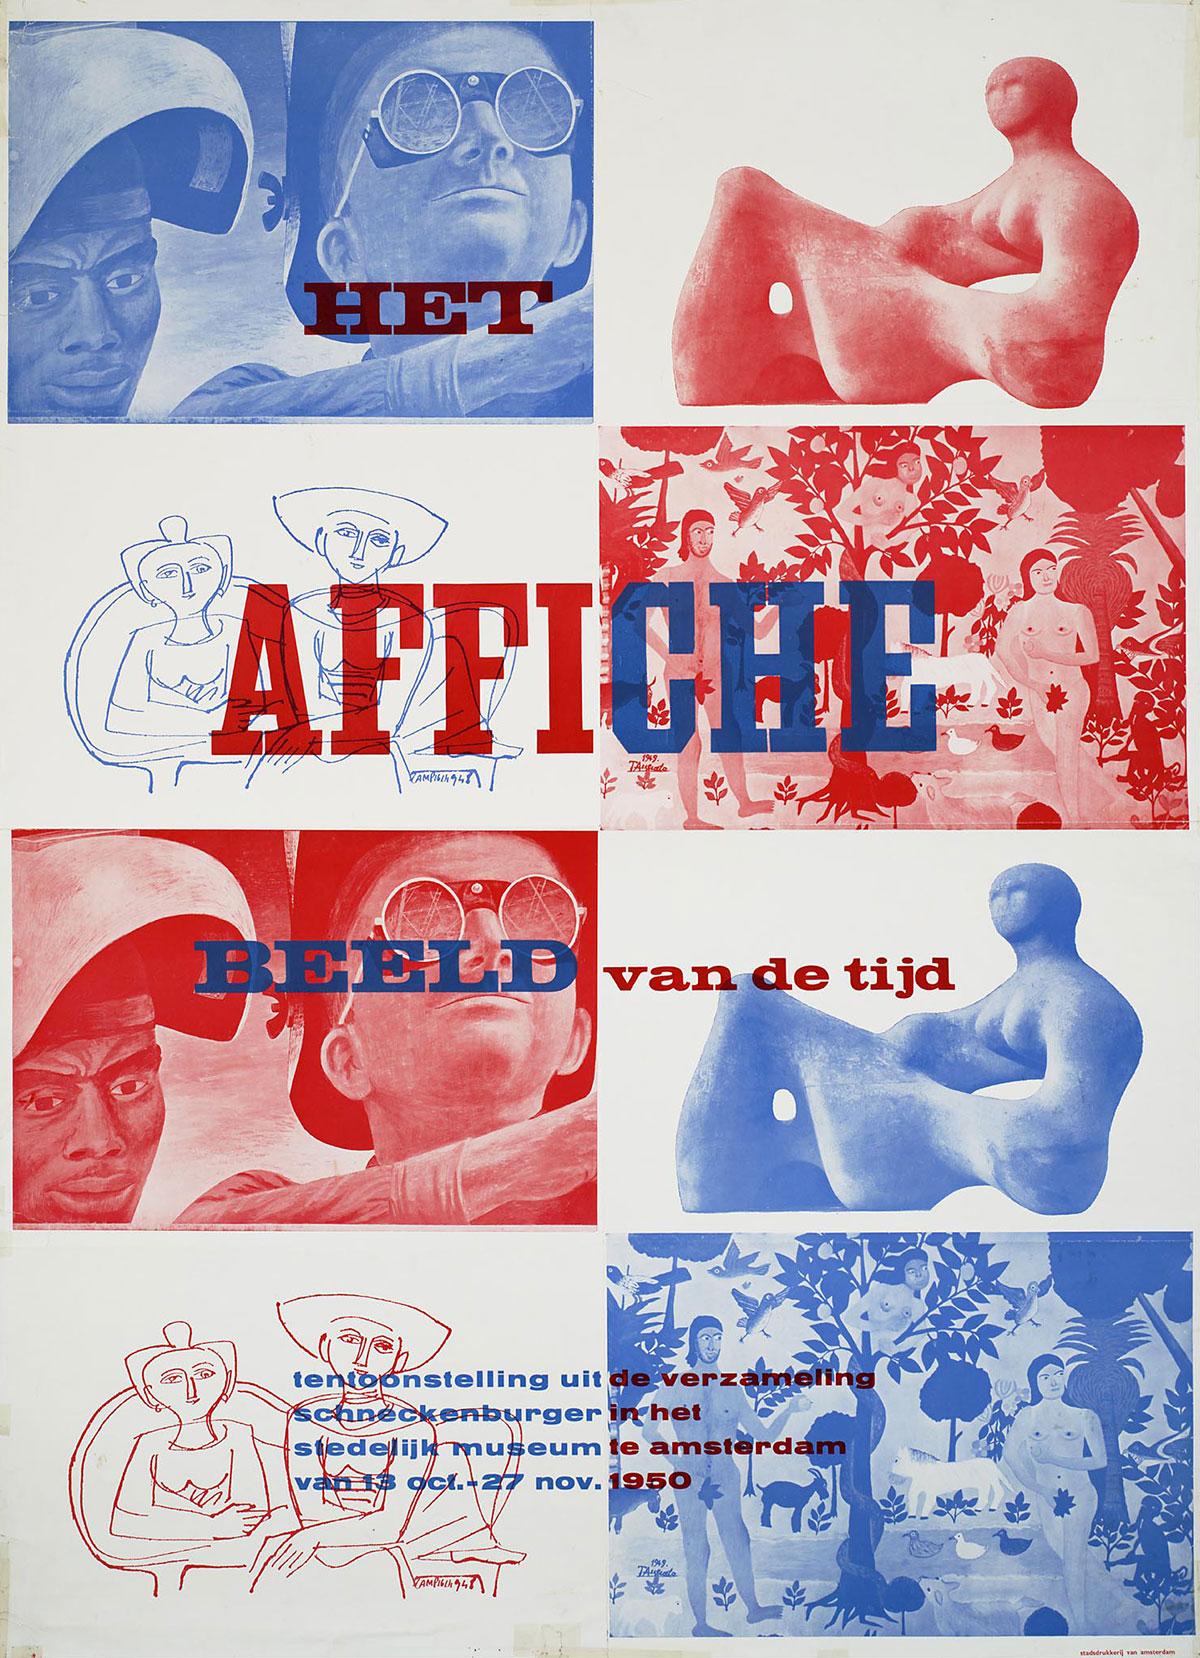 Willem-Sandberg-affiches-beeld-van-de-tijd